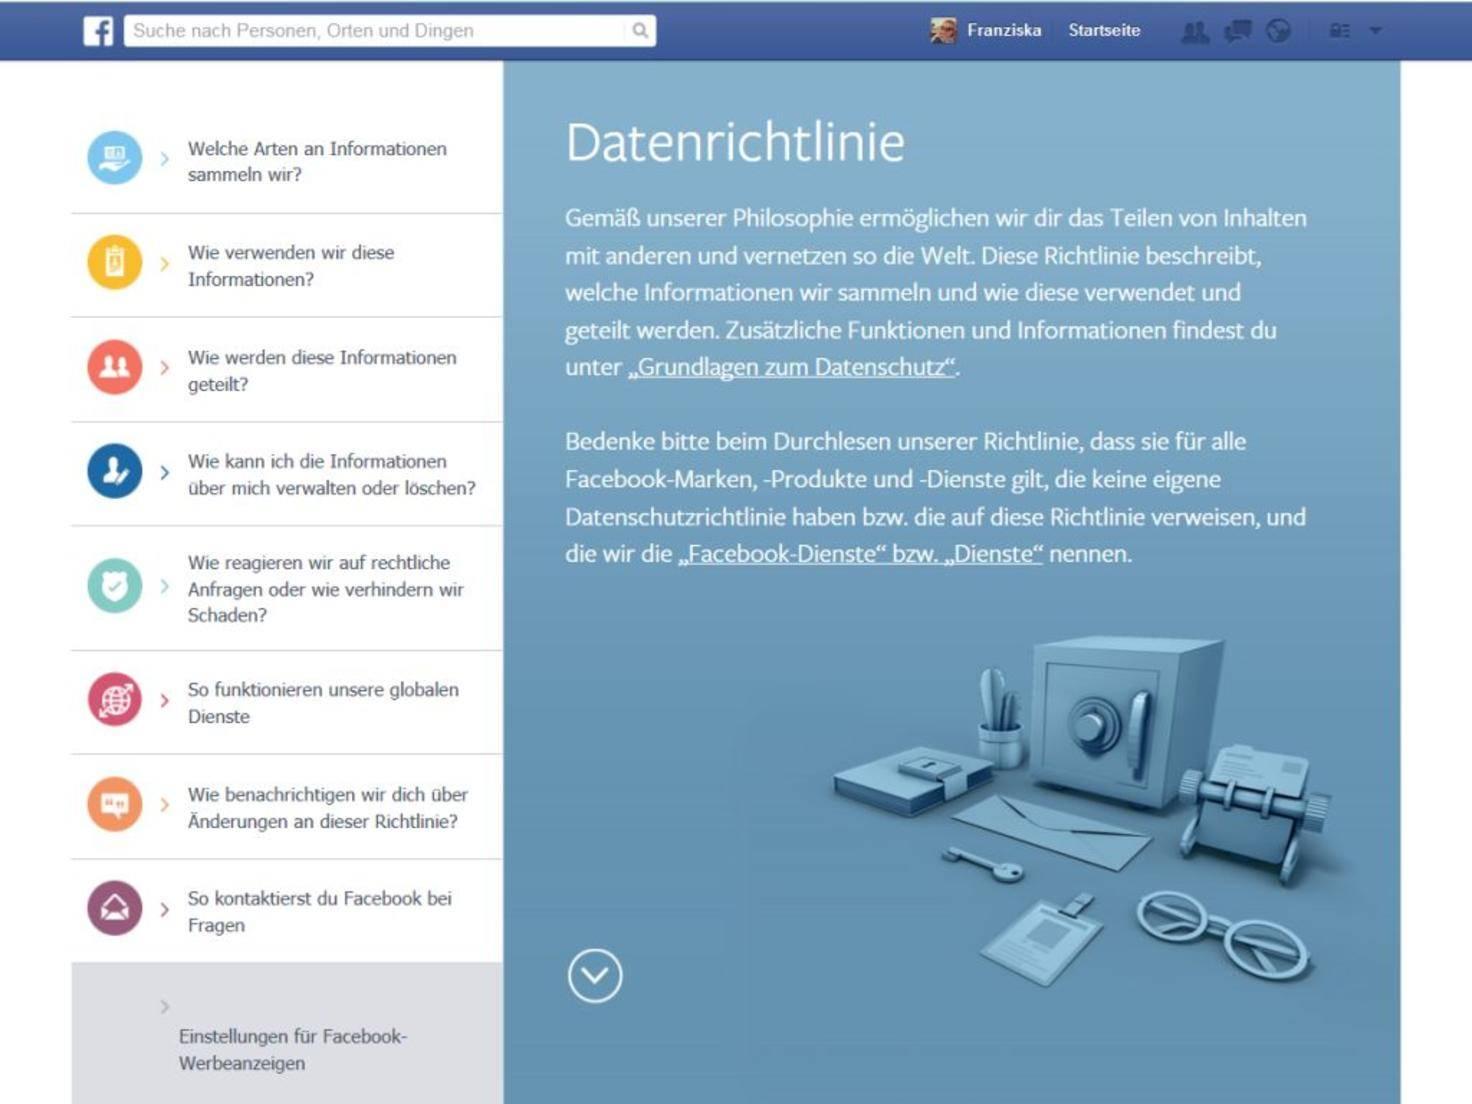 """Rufe """"Einstellungen für Facebook-Werbeanzeigen"""" auf..."""